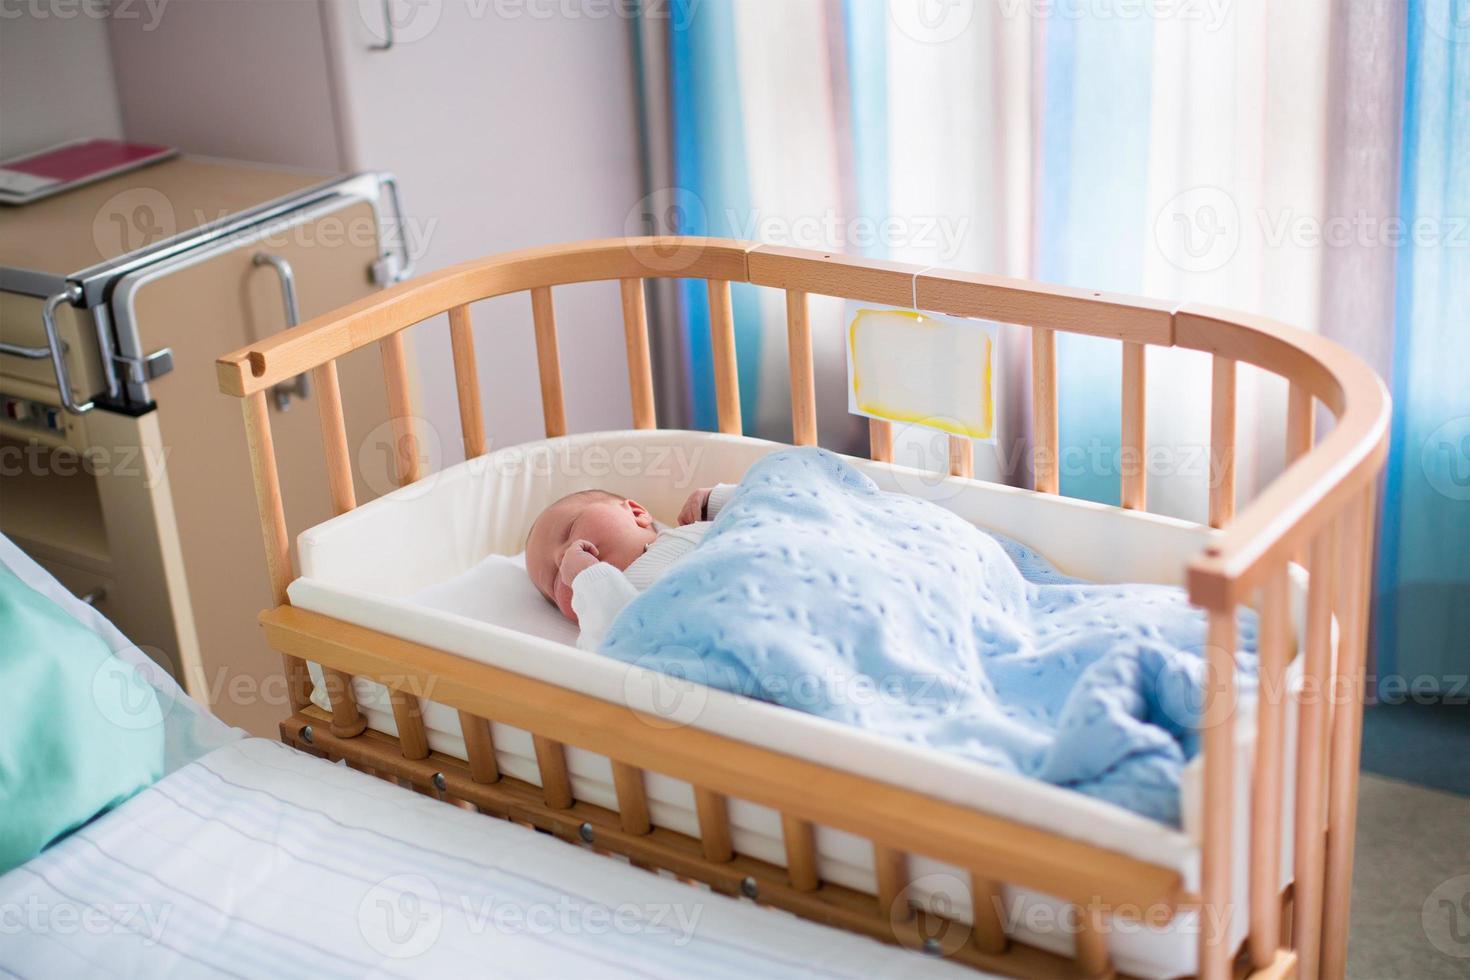 bebé recién nacido en la cuna del hospital foto